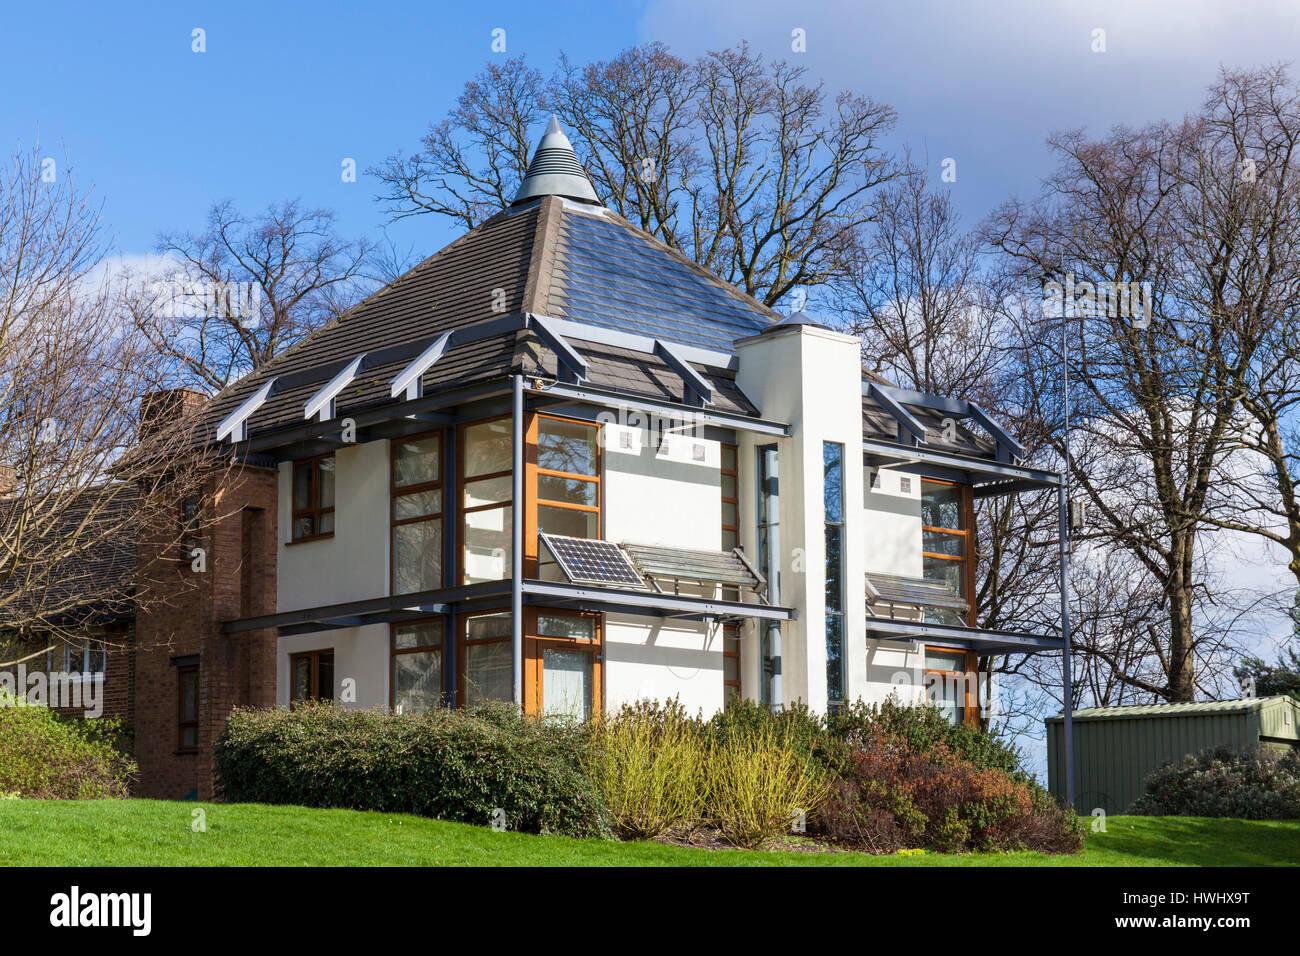 l'université de nottingham, l'éco-maison, l'architecture moderne